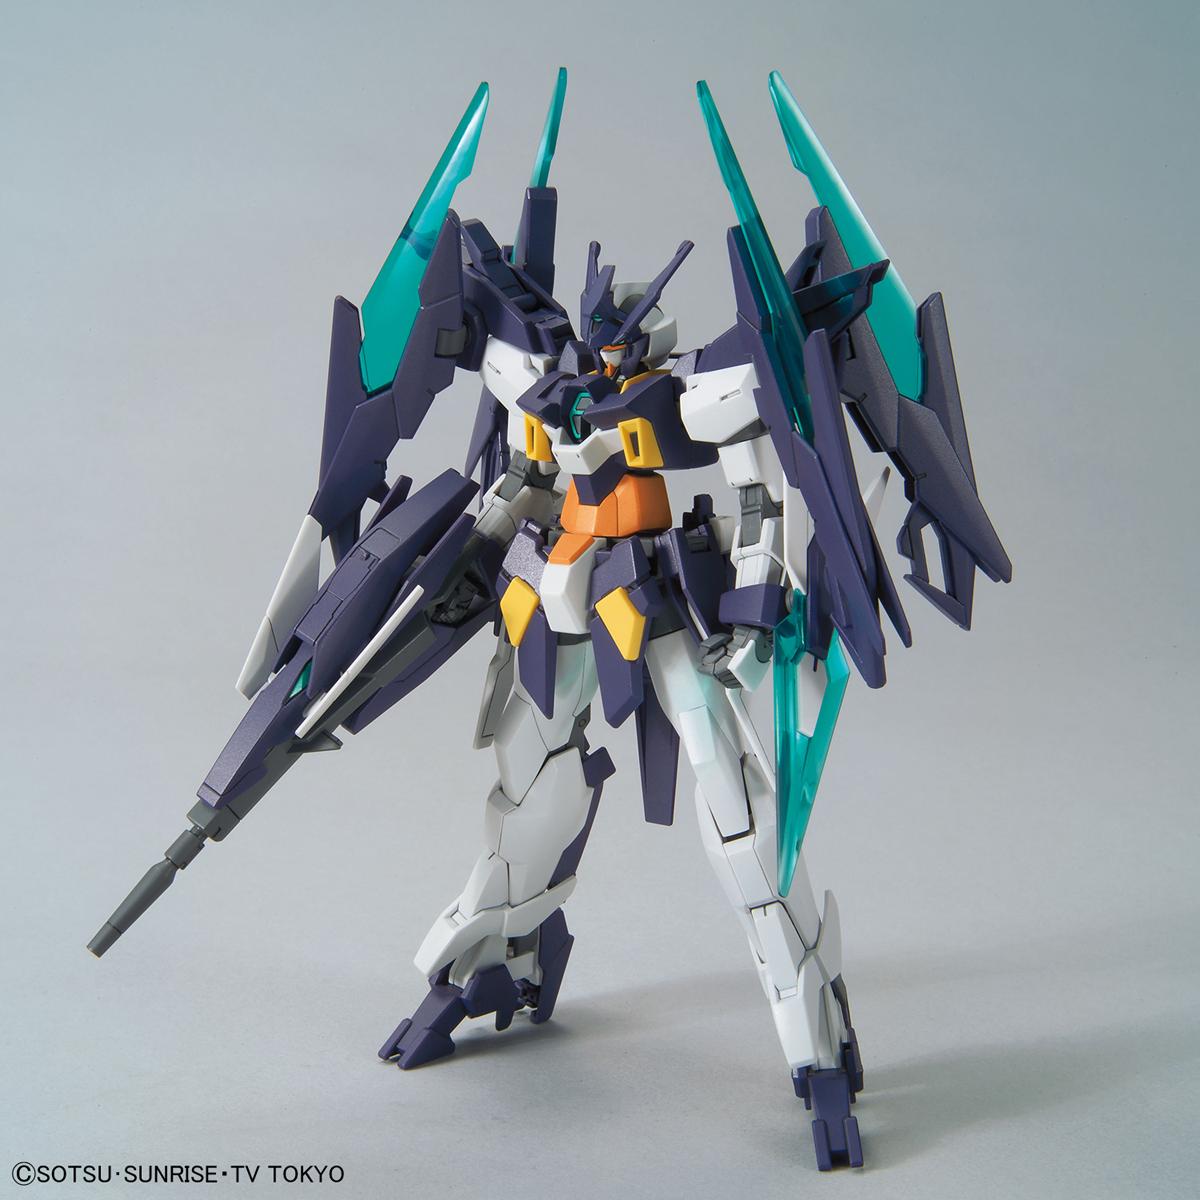 65702HGBD 001 1/144 ガンダム AGEII マグナム [Gundam AGEII Magnum] 0225725 5059237 4549660257257 4573102592378